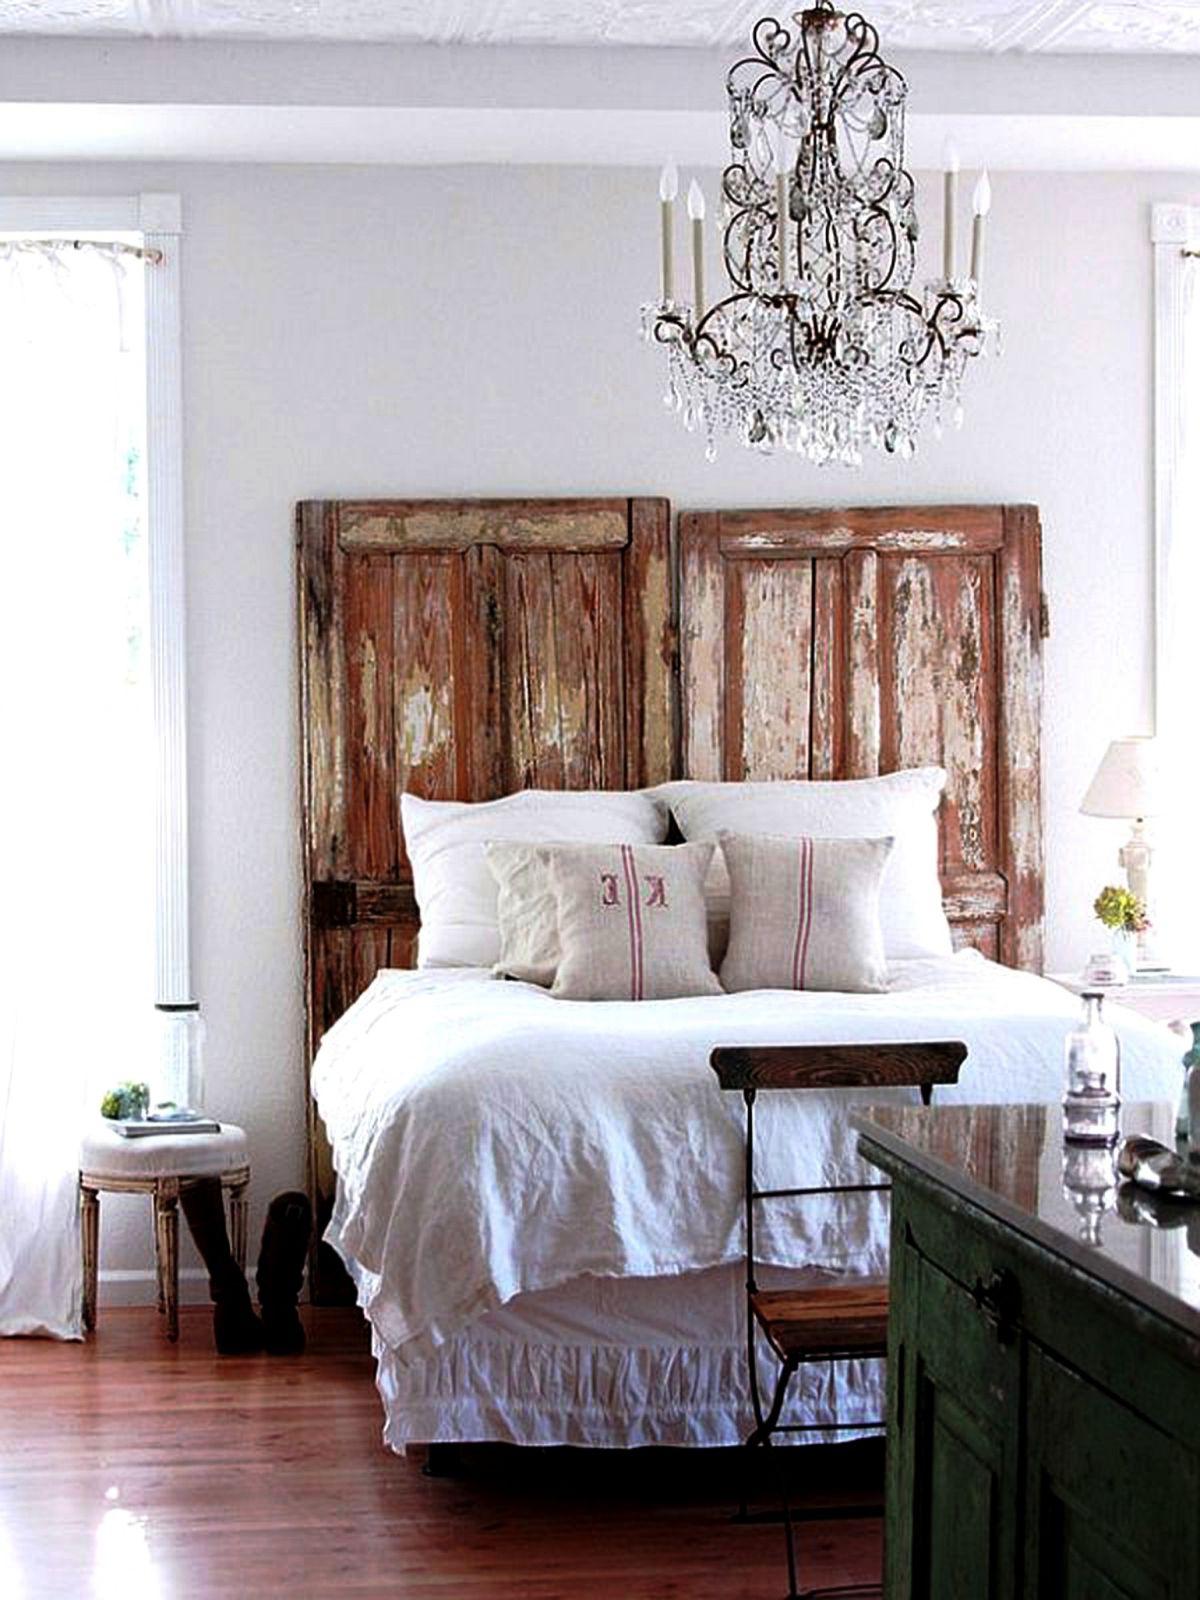 винтаж в интерьере дома идеи для спальни